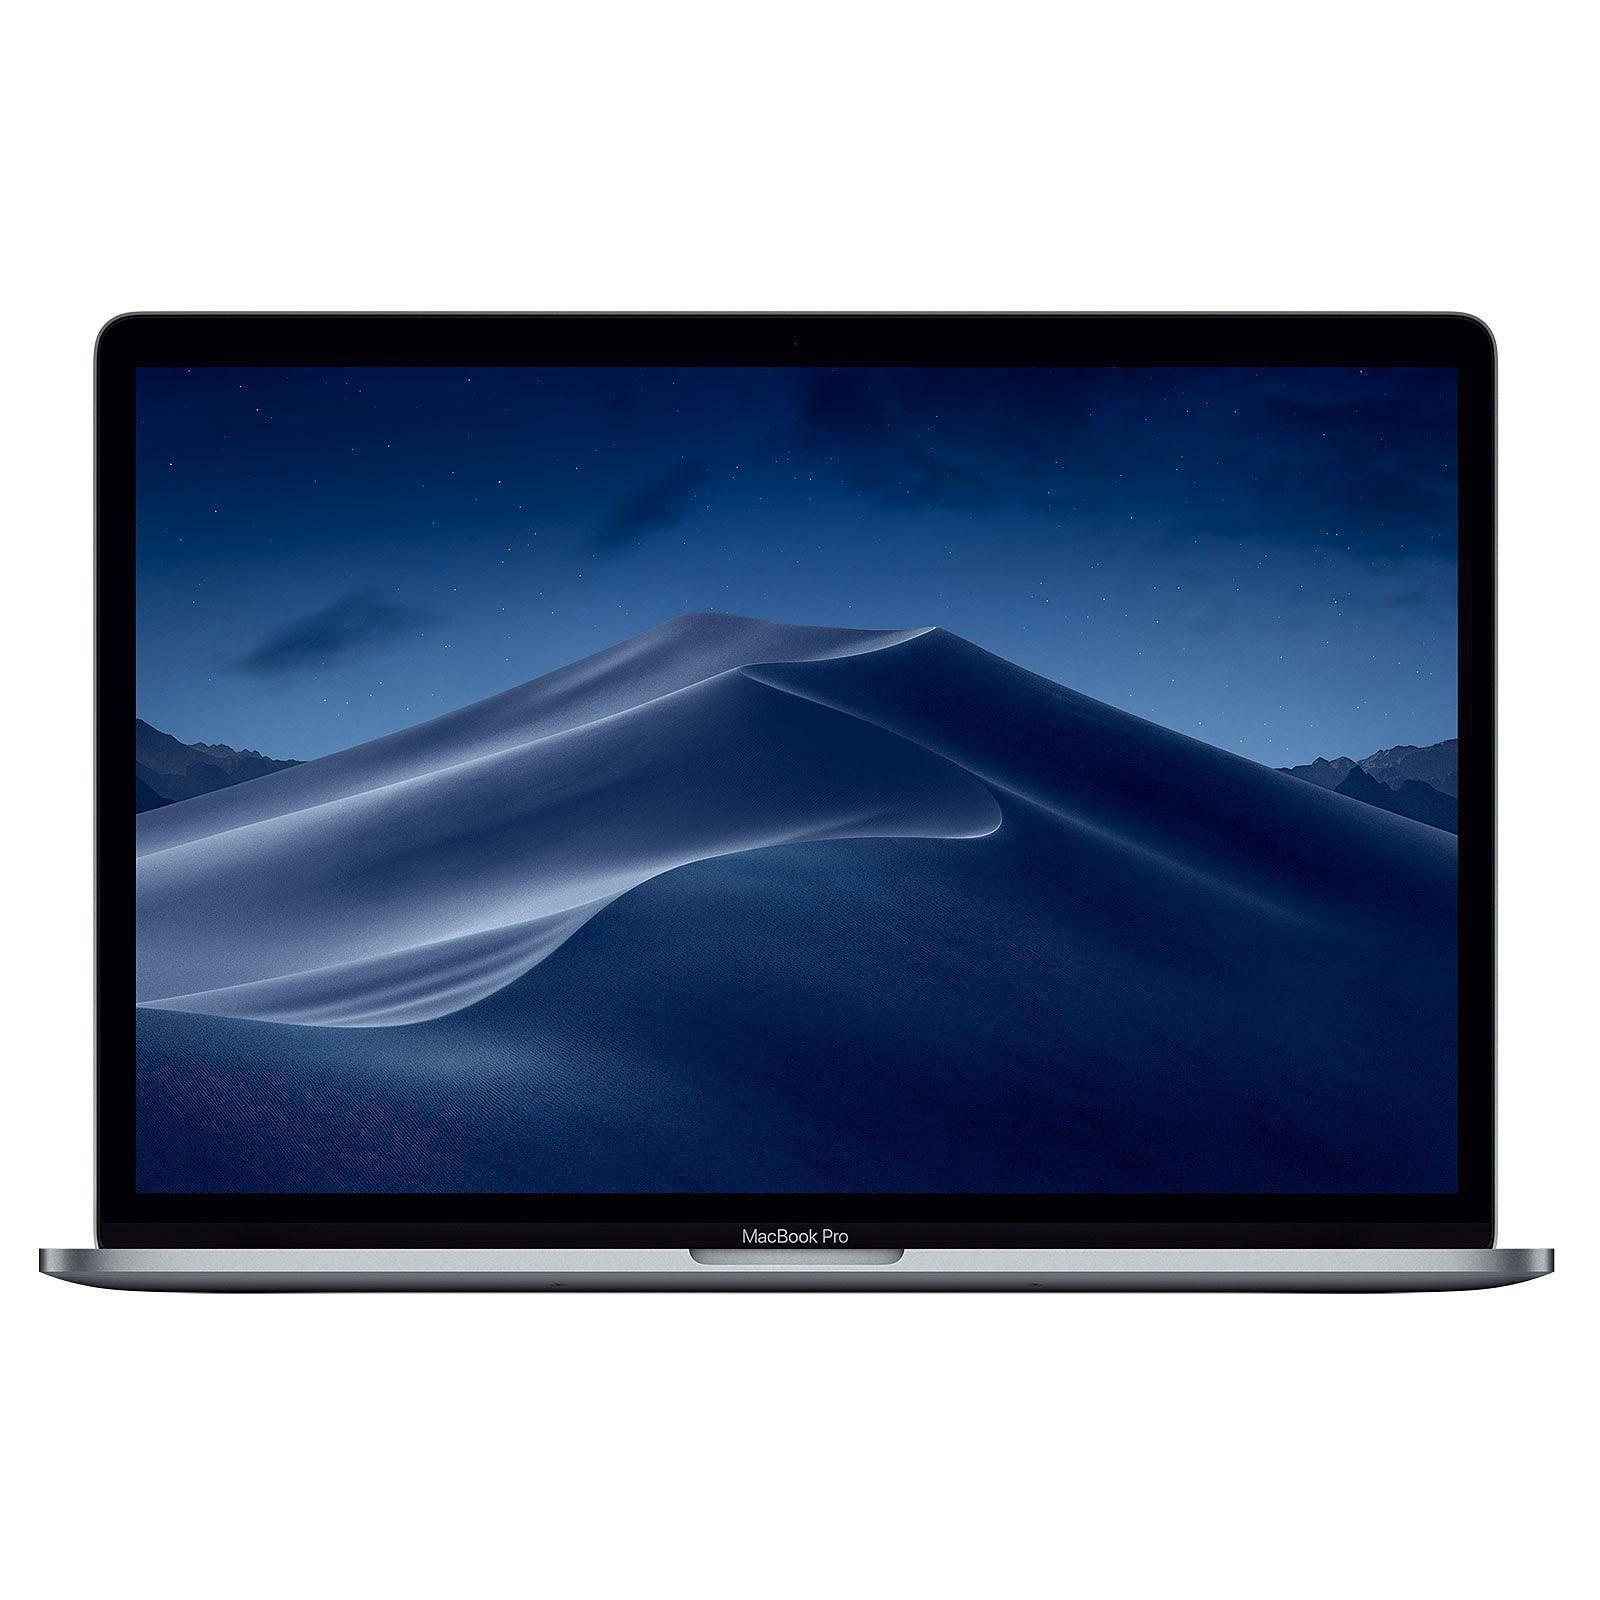 MacBook Pro 15inch (Mid2019) Core i9 16GB SSD 3 TB